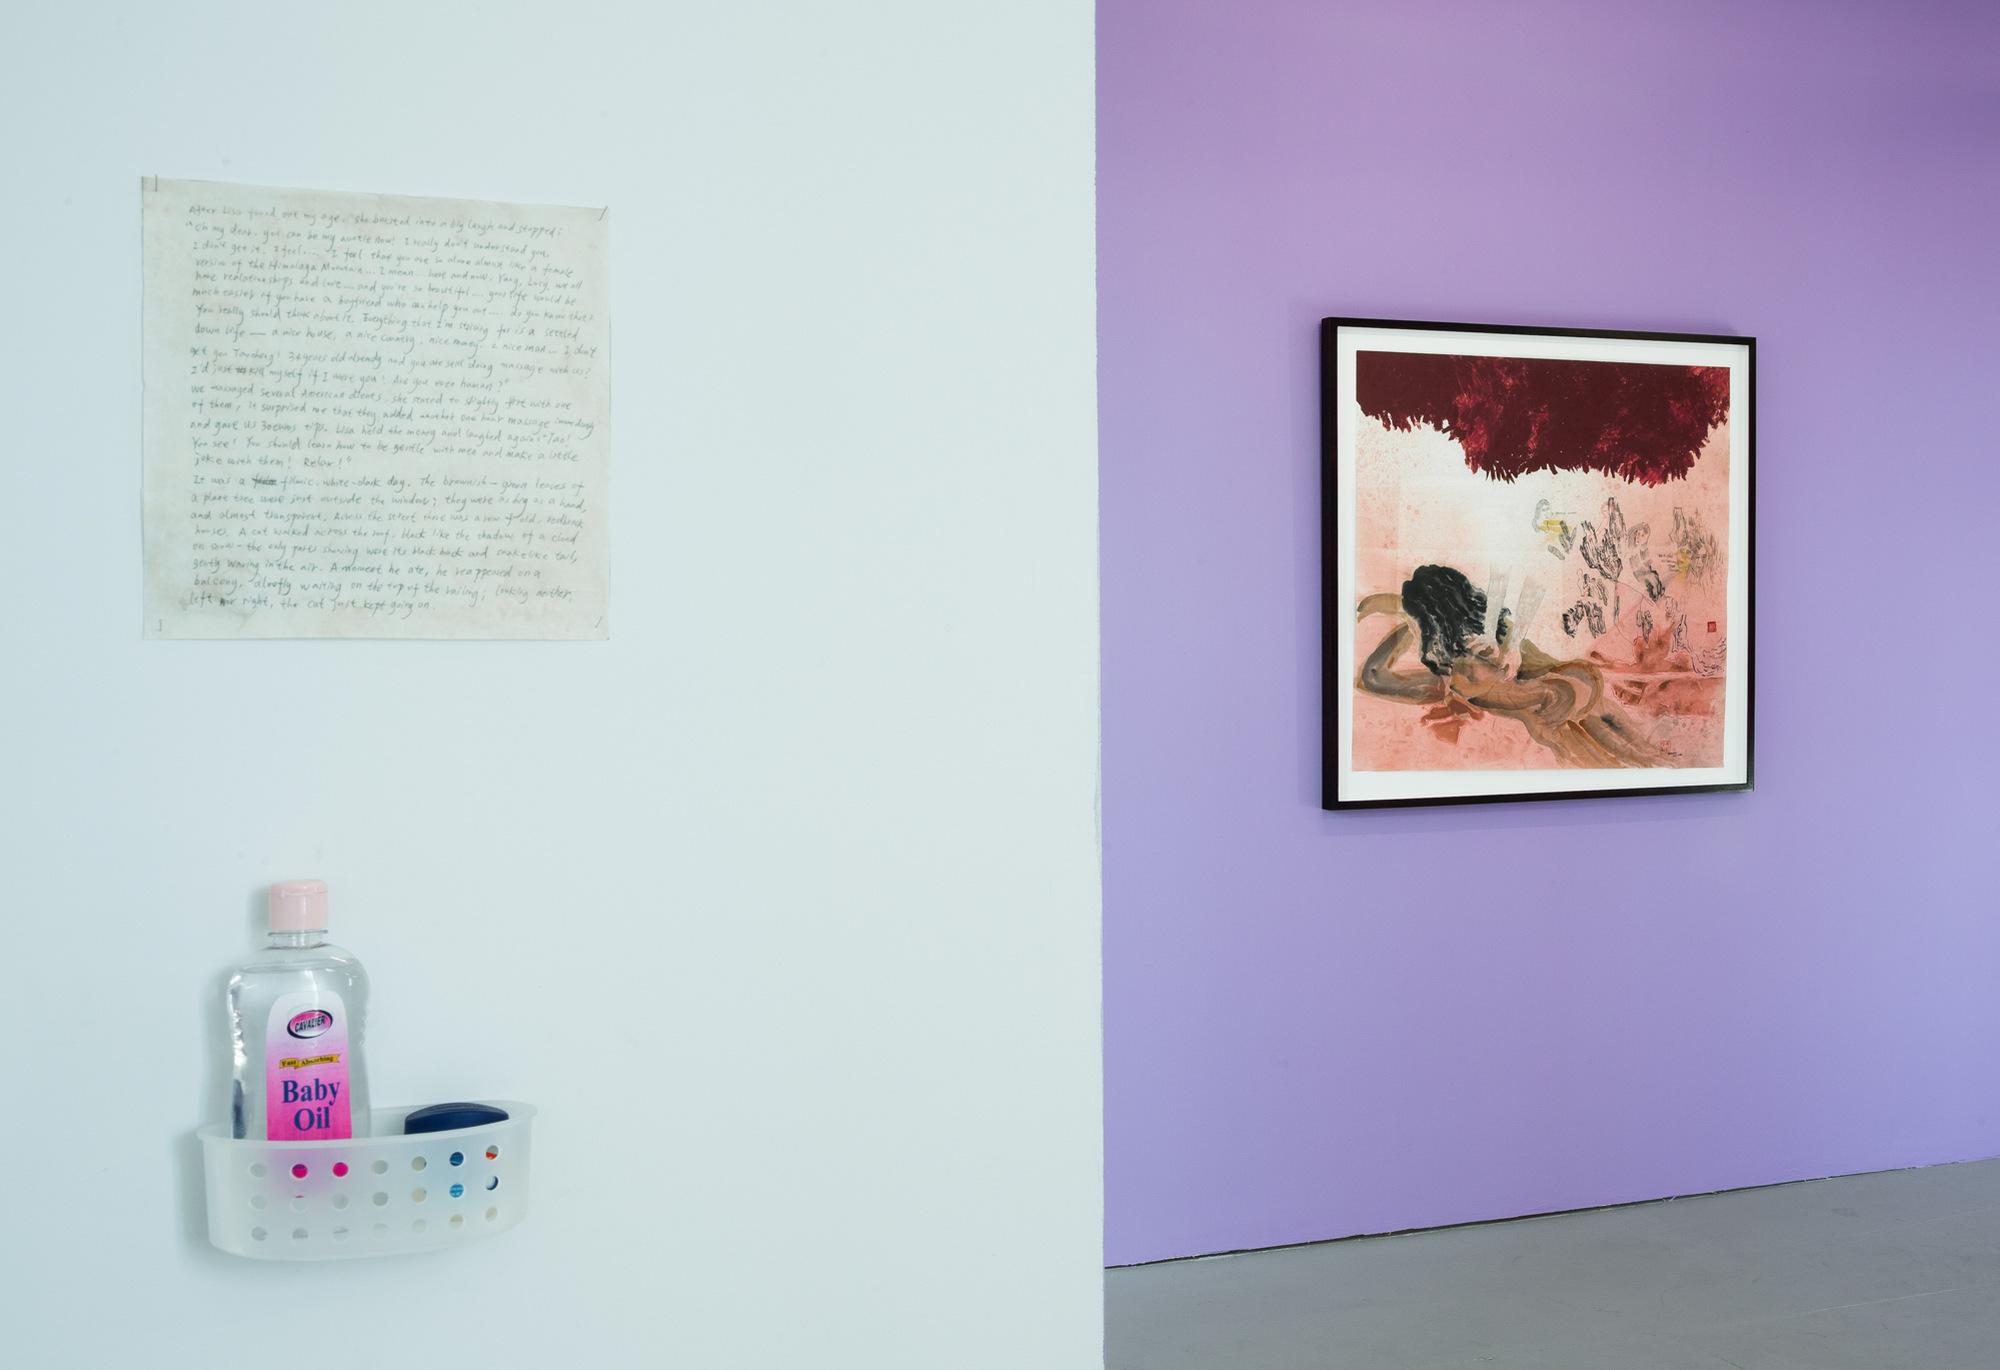 Taocheng Wang_Massage Near Me_Company Gallery_Large Jpegs-44